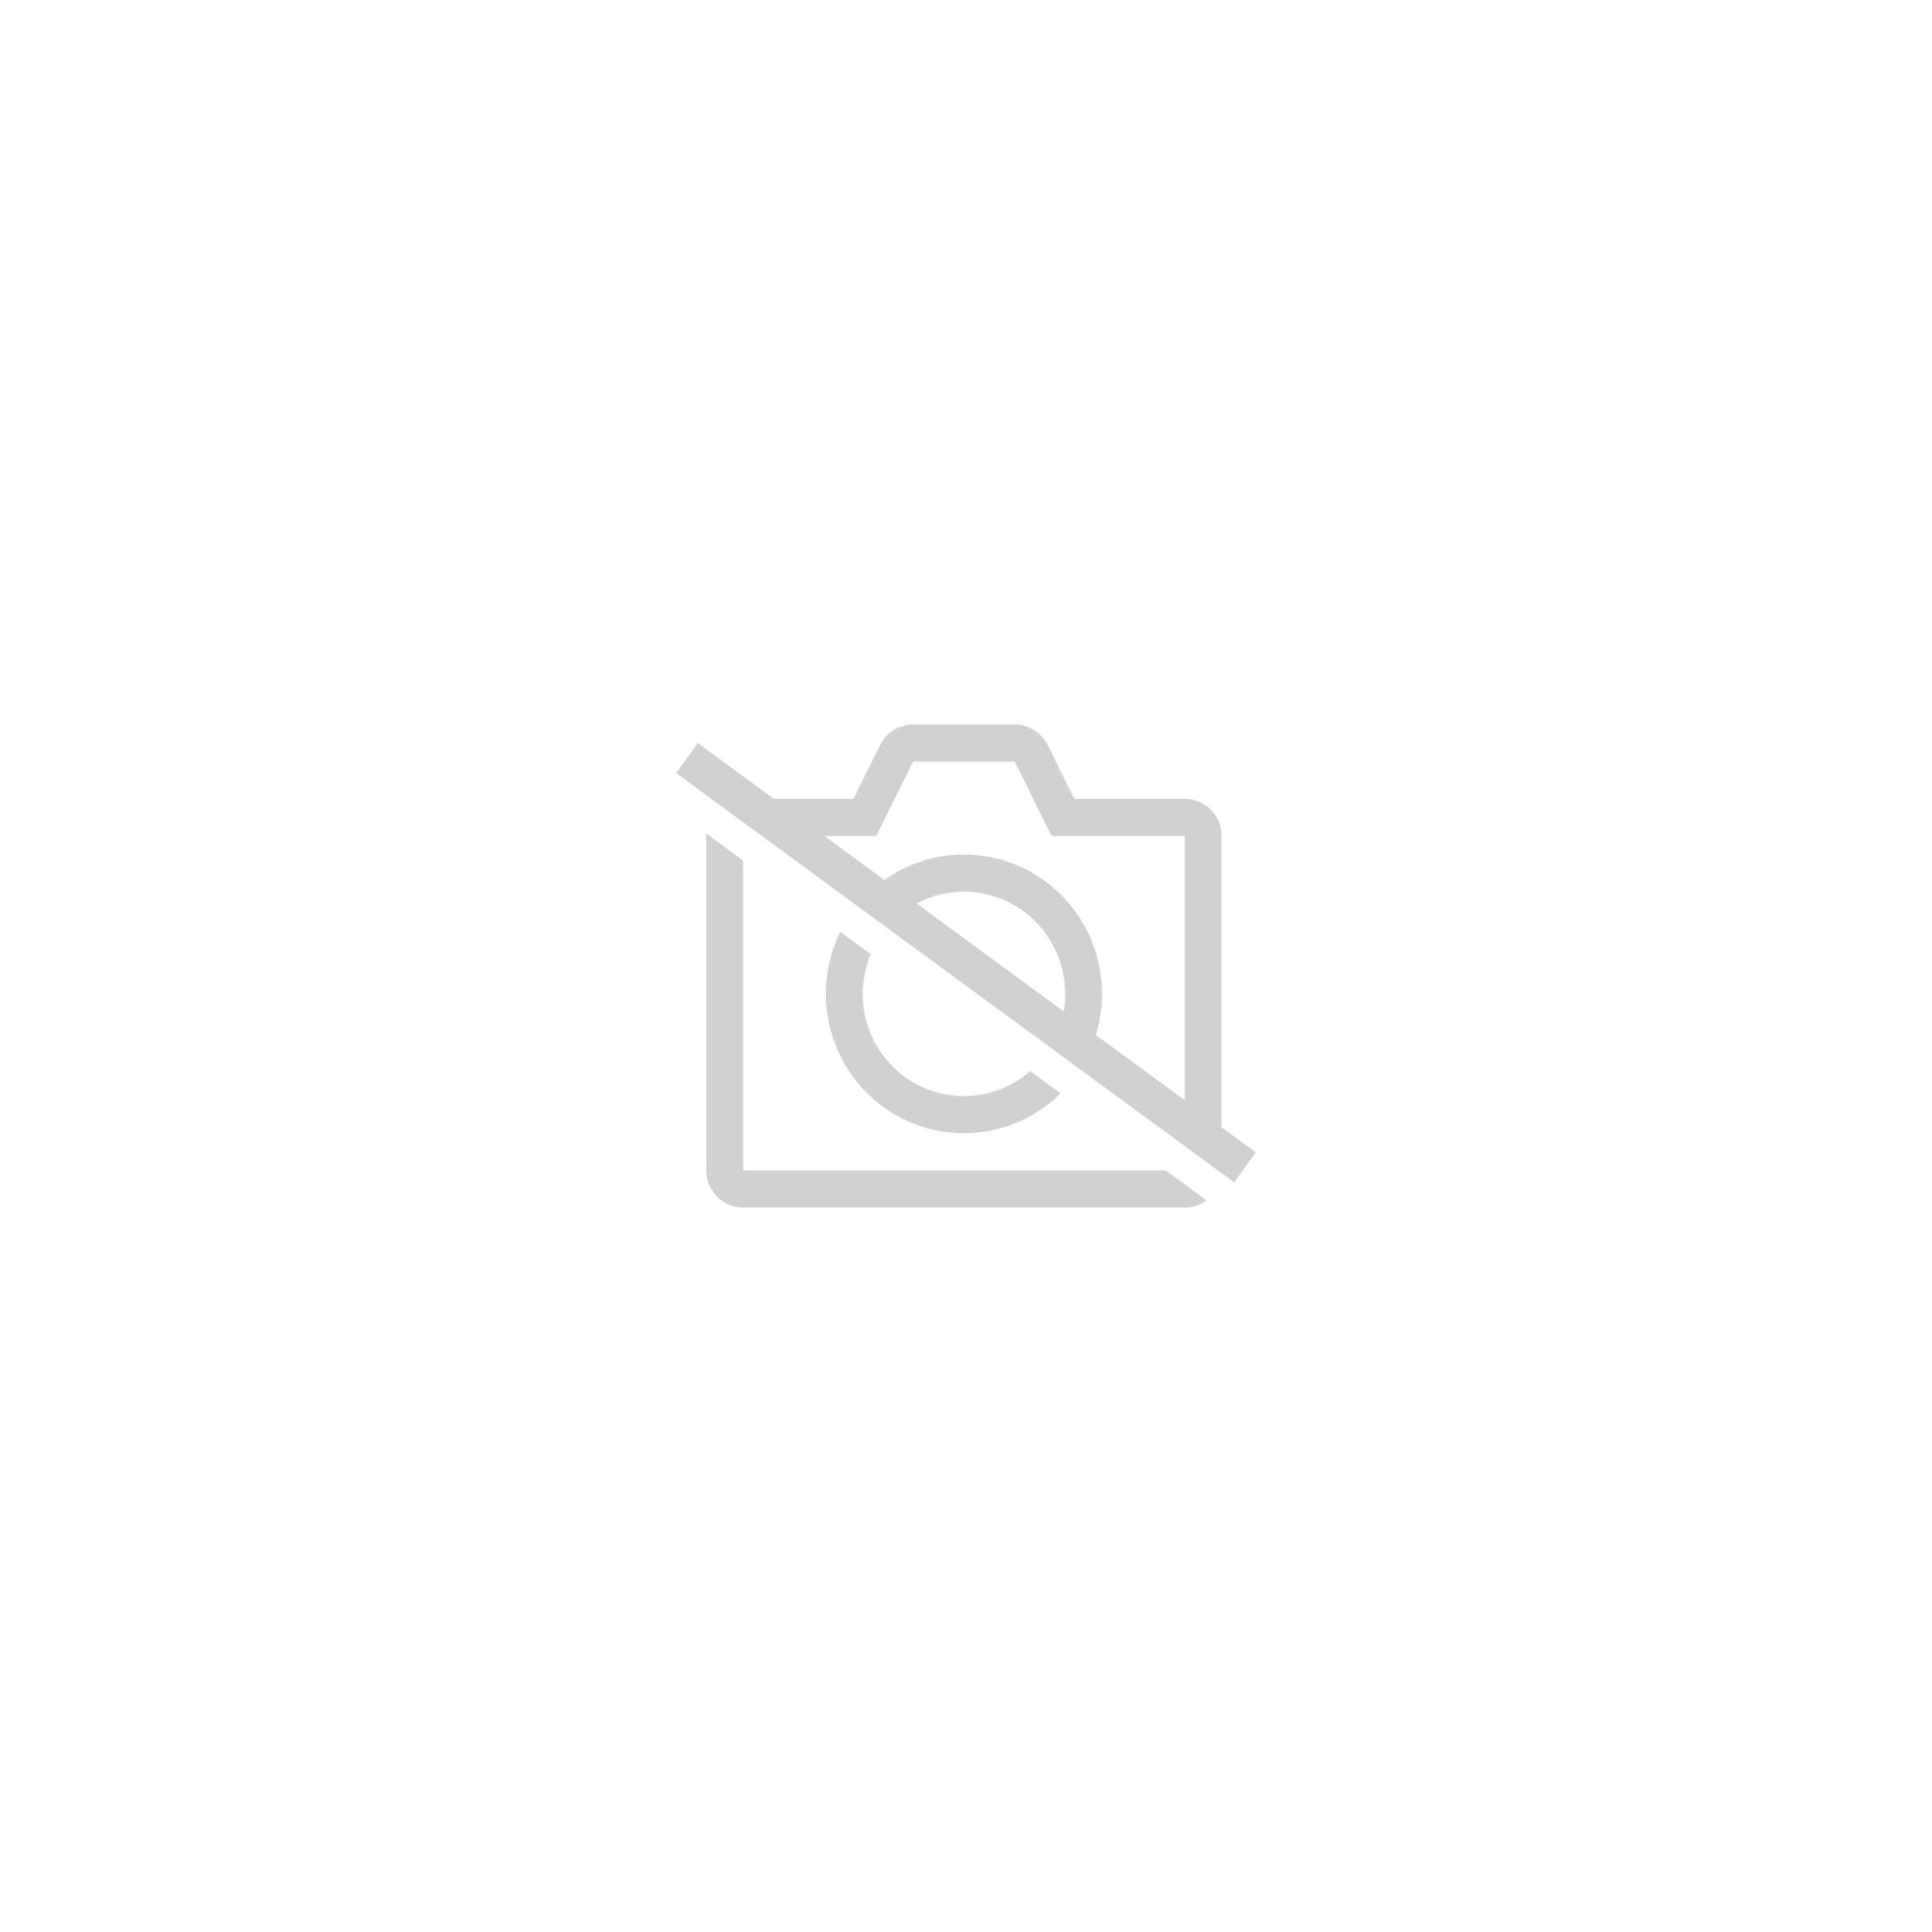 Chaussures Basket Enfant Mixte Adidas Crazy Team K | Rakuten